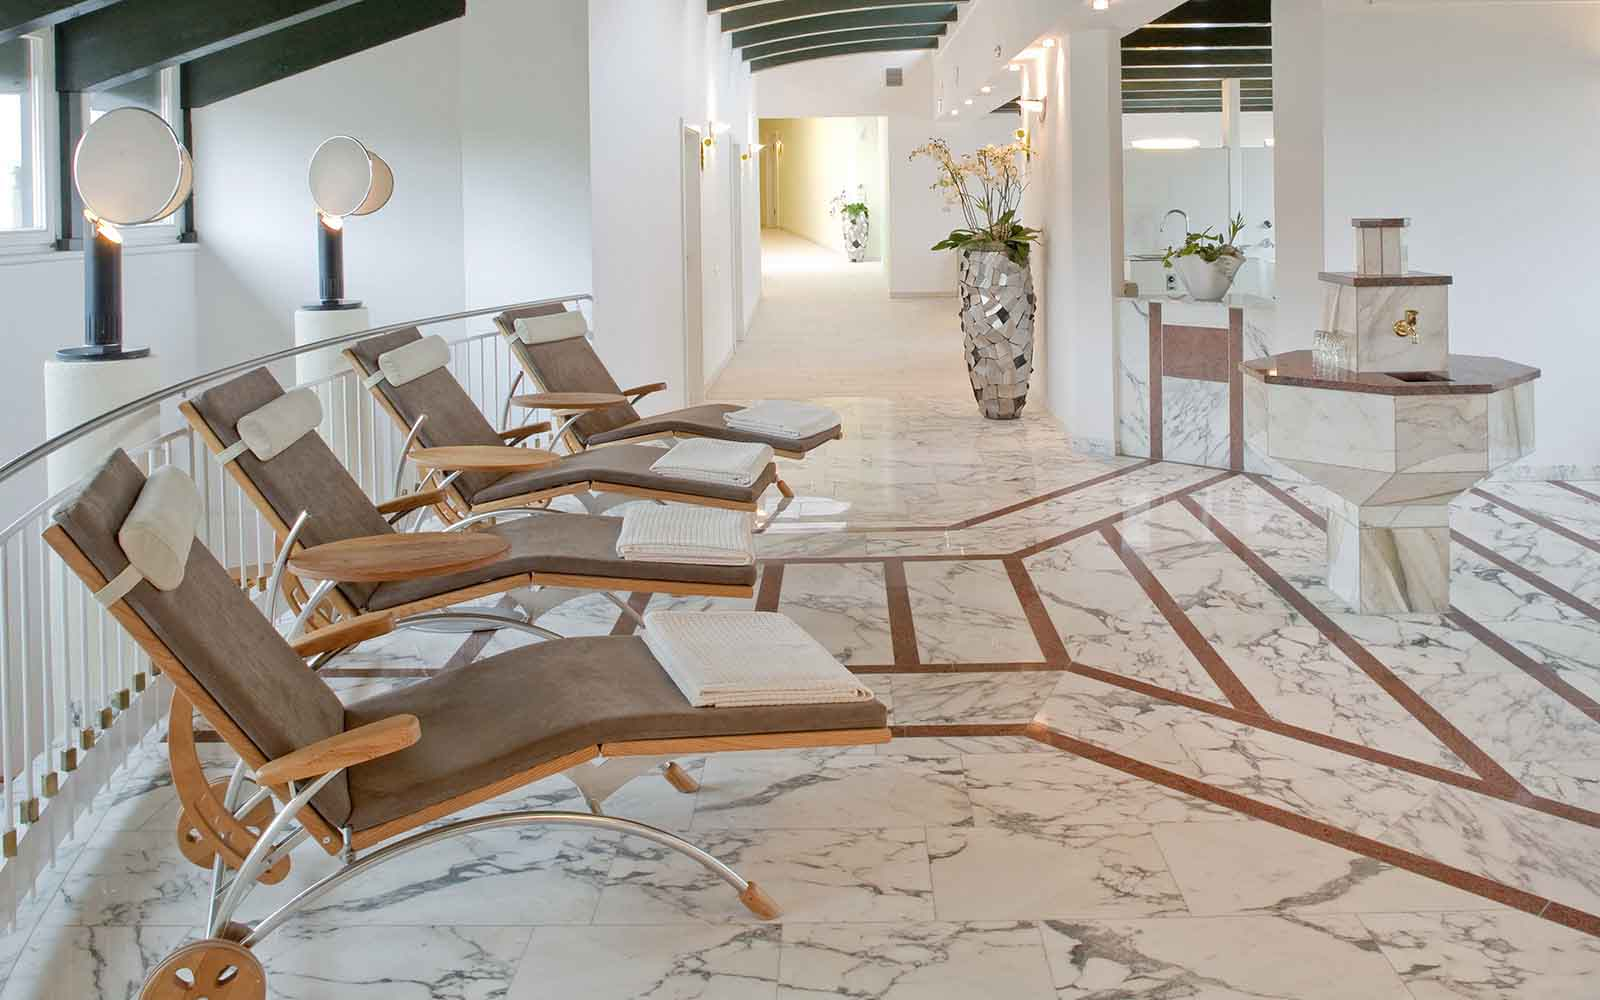 Maximum improvement with Modern Mayr Park Igls Tyrol Austria Hotel Health & Wellbeing